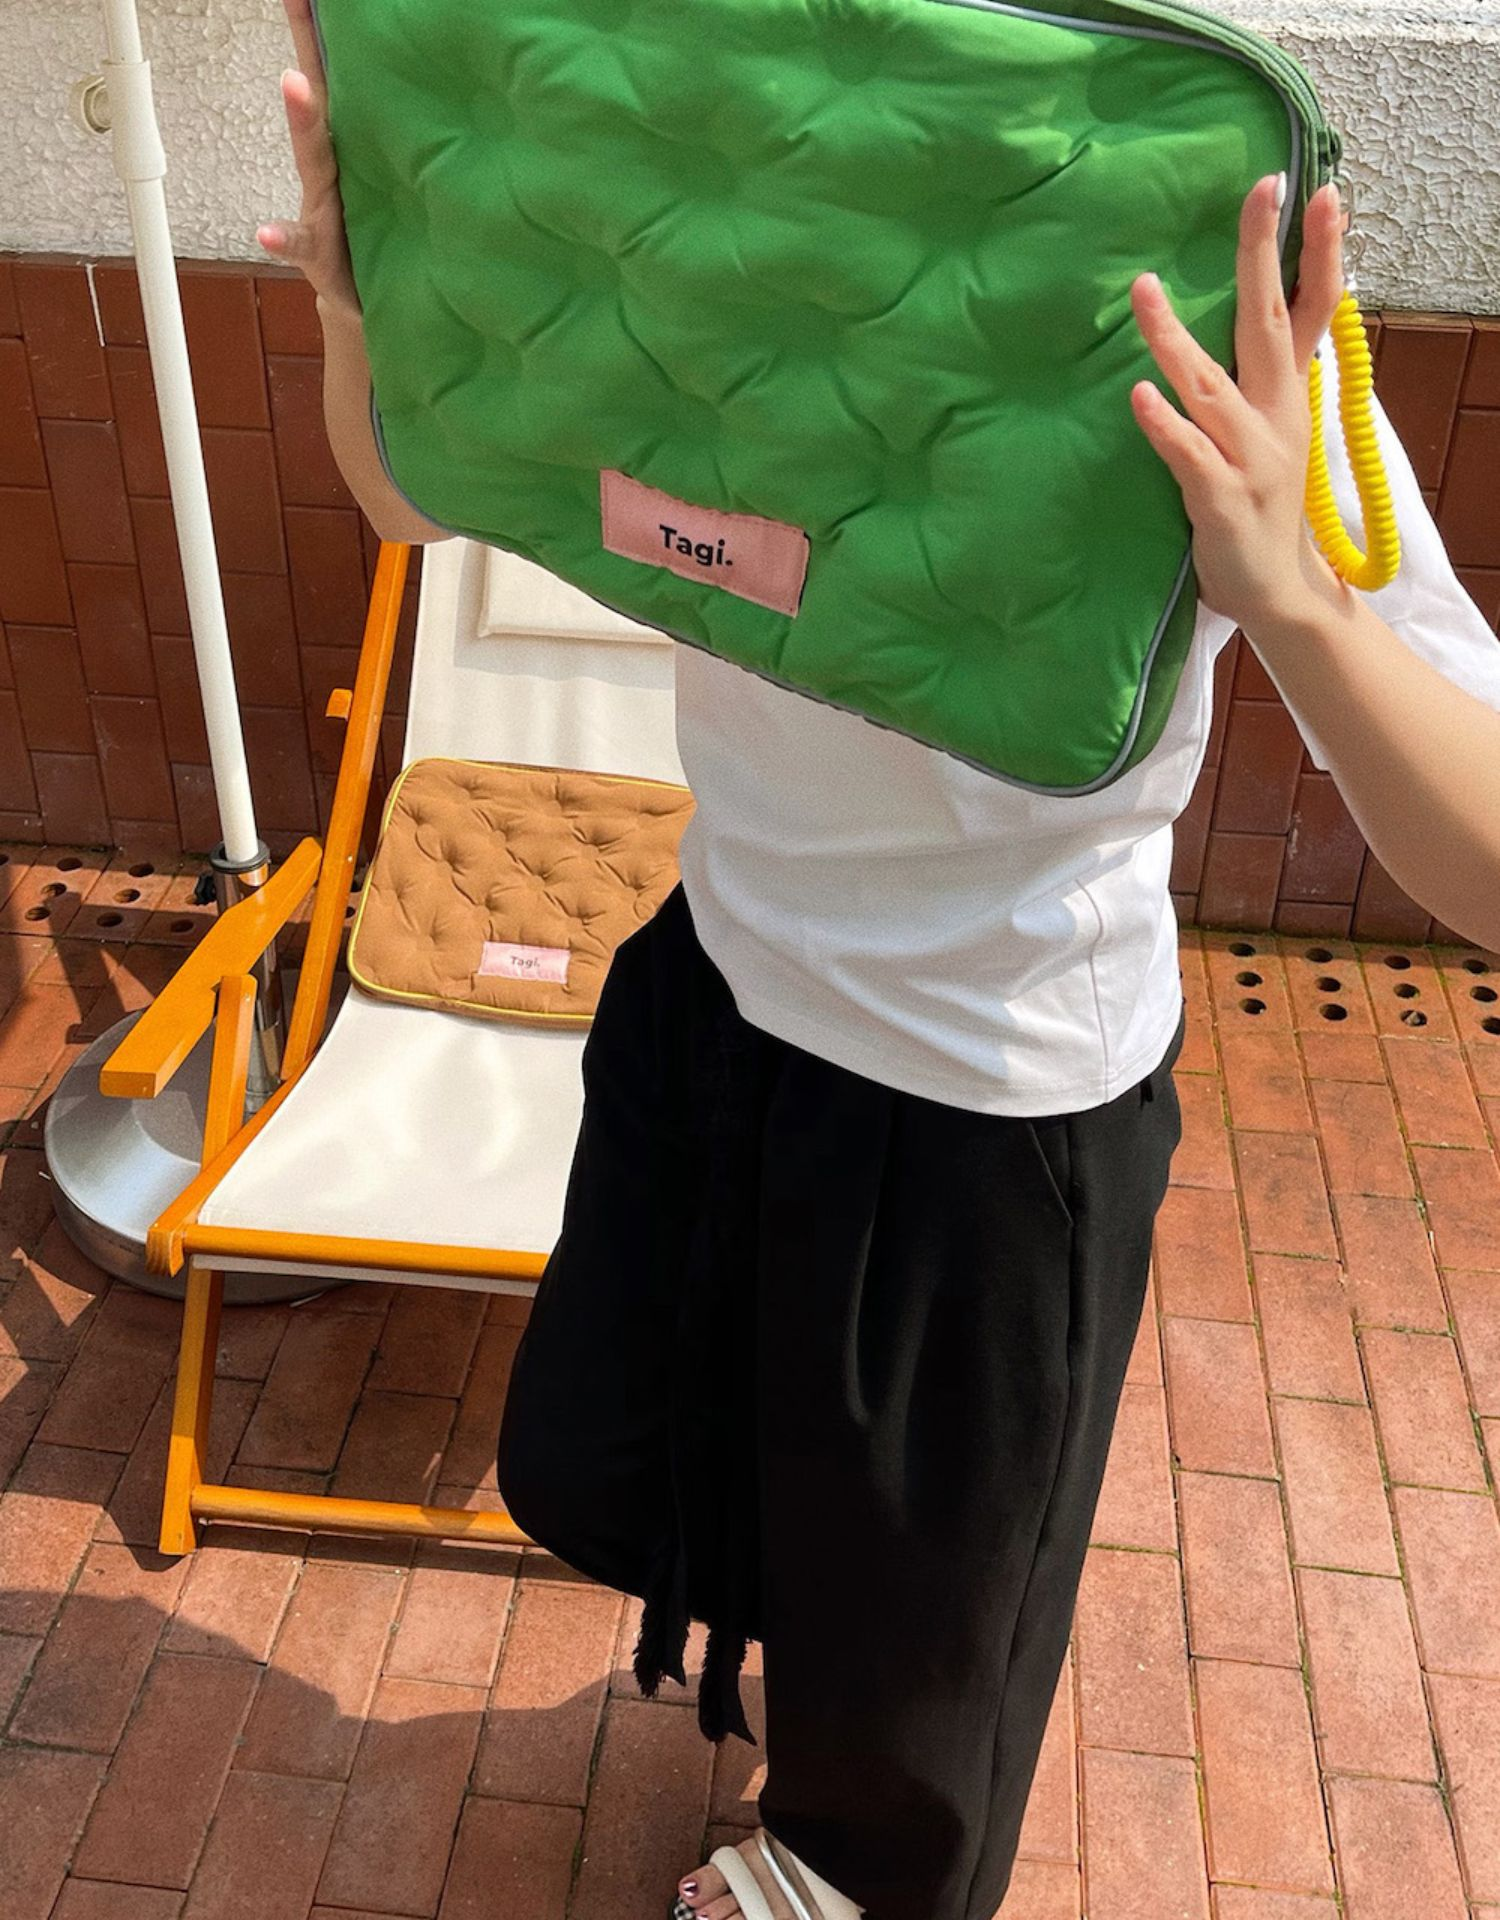 內膽包 Tagi.海綿電話電腦包sponge laptop bag充棉柔軟筆記本內膽